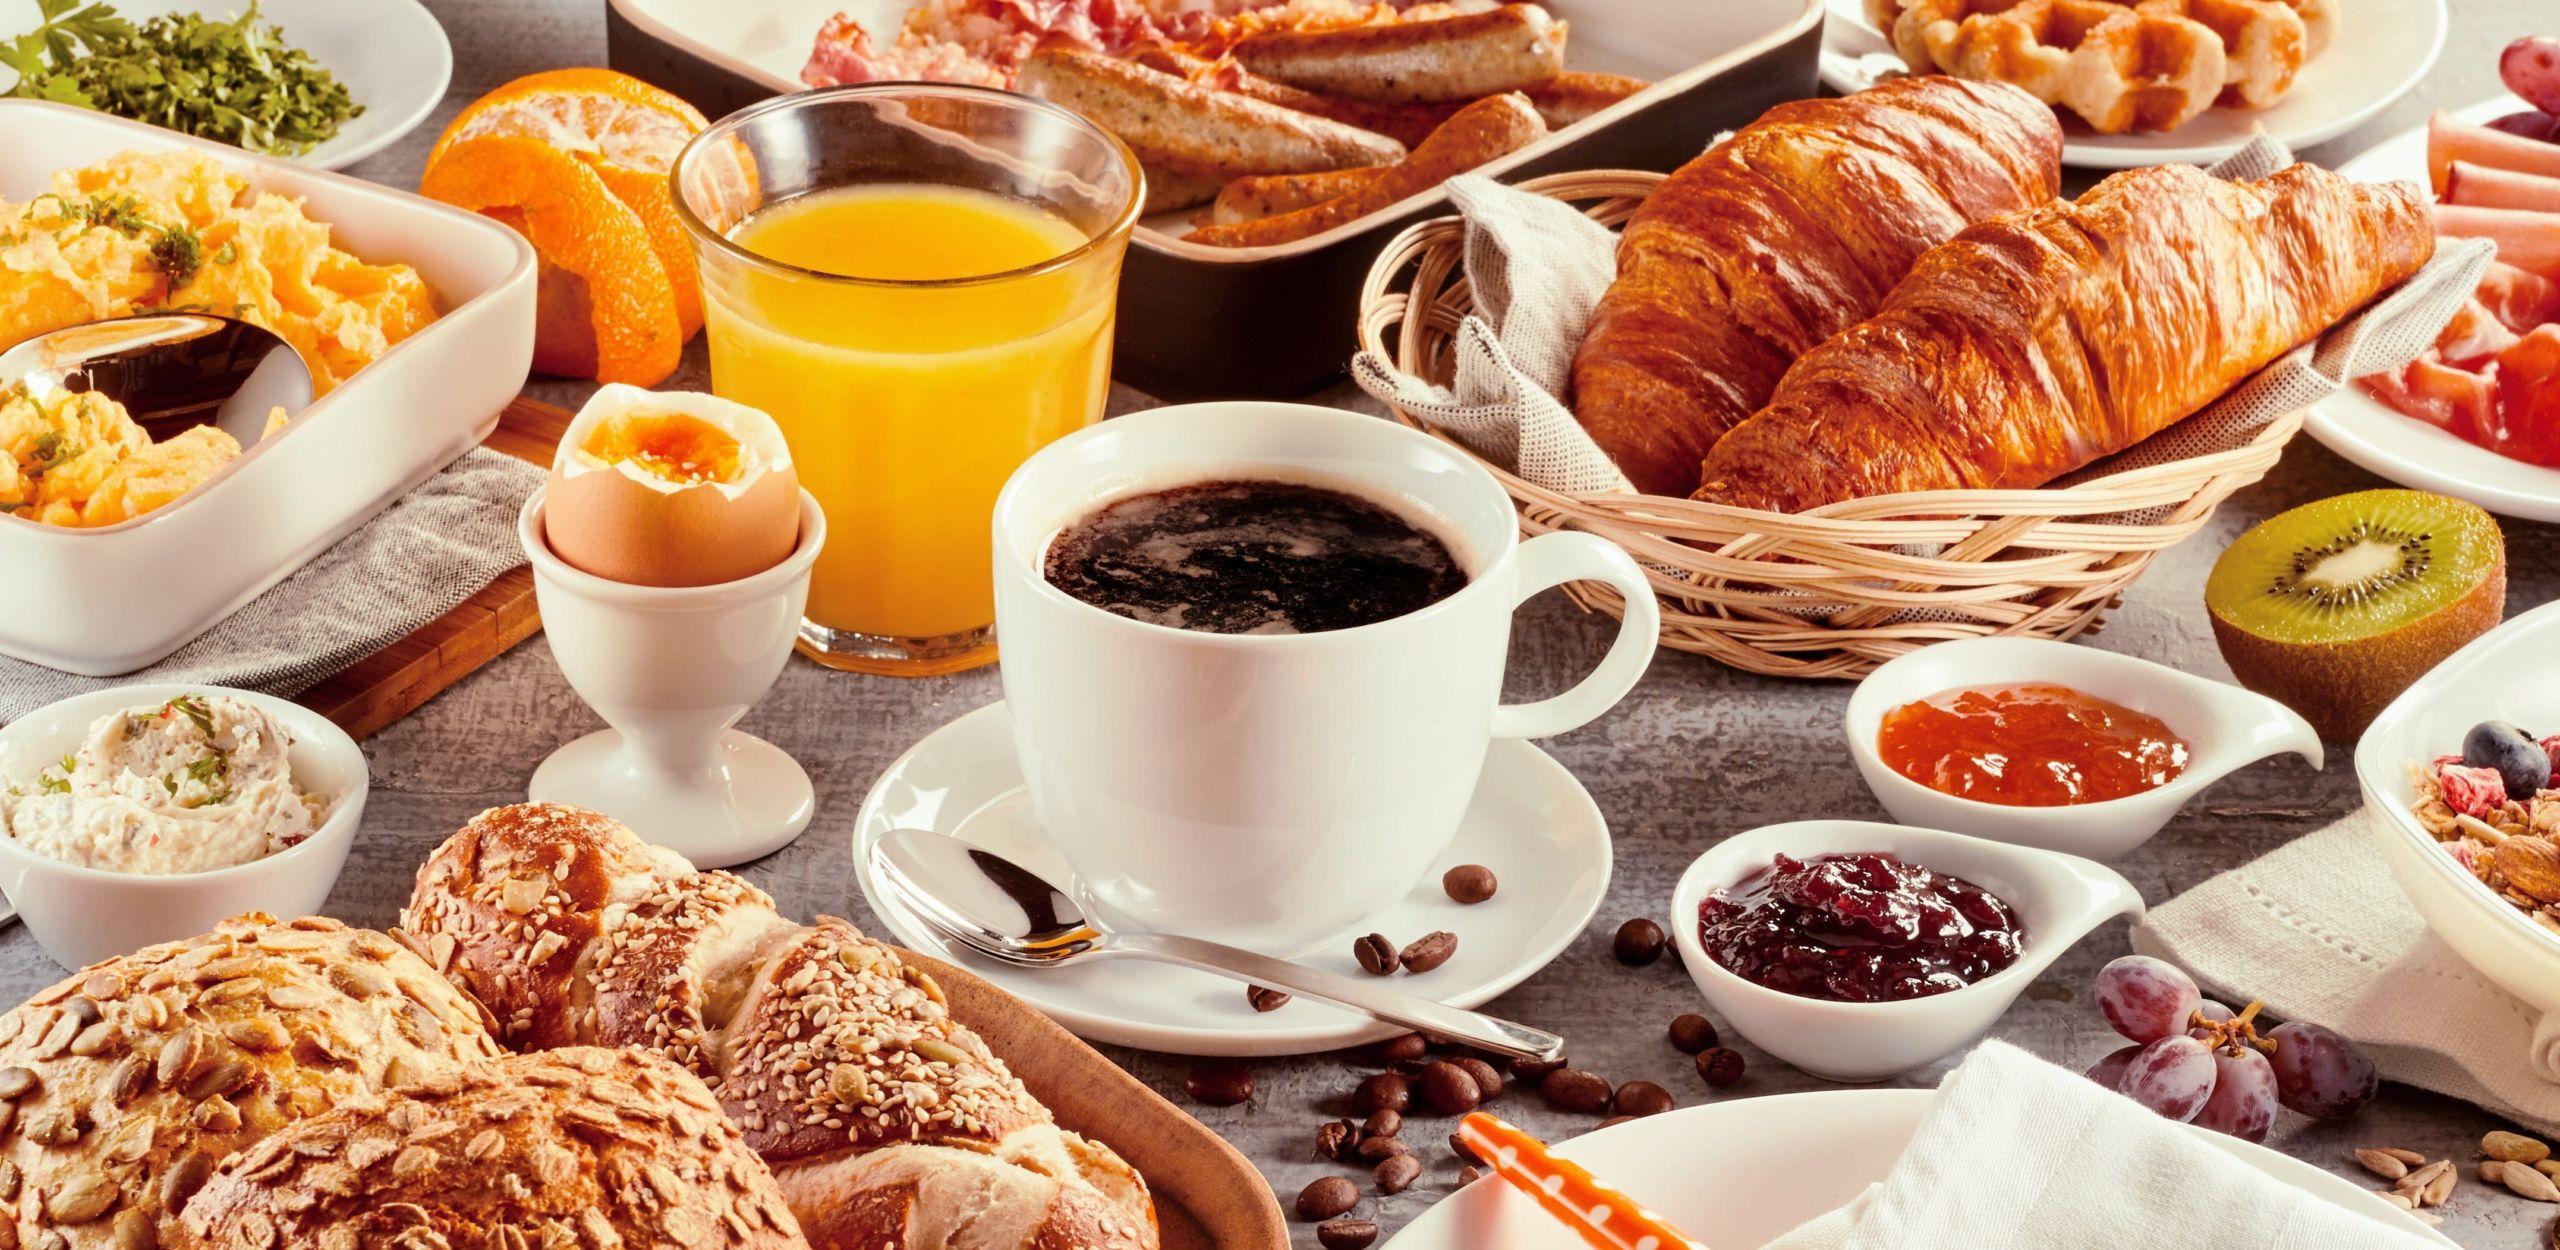 Come fare una colazione abbondante per dimagrire